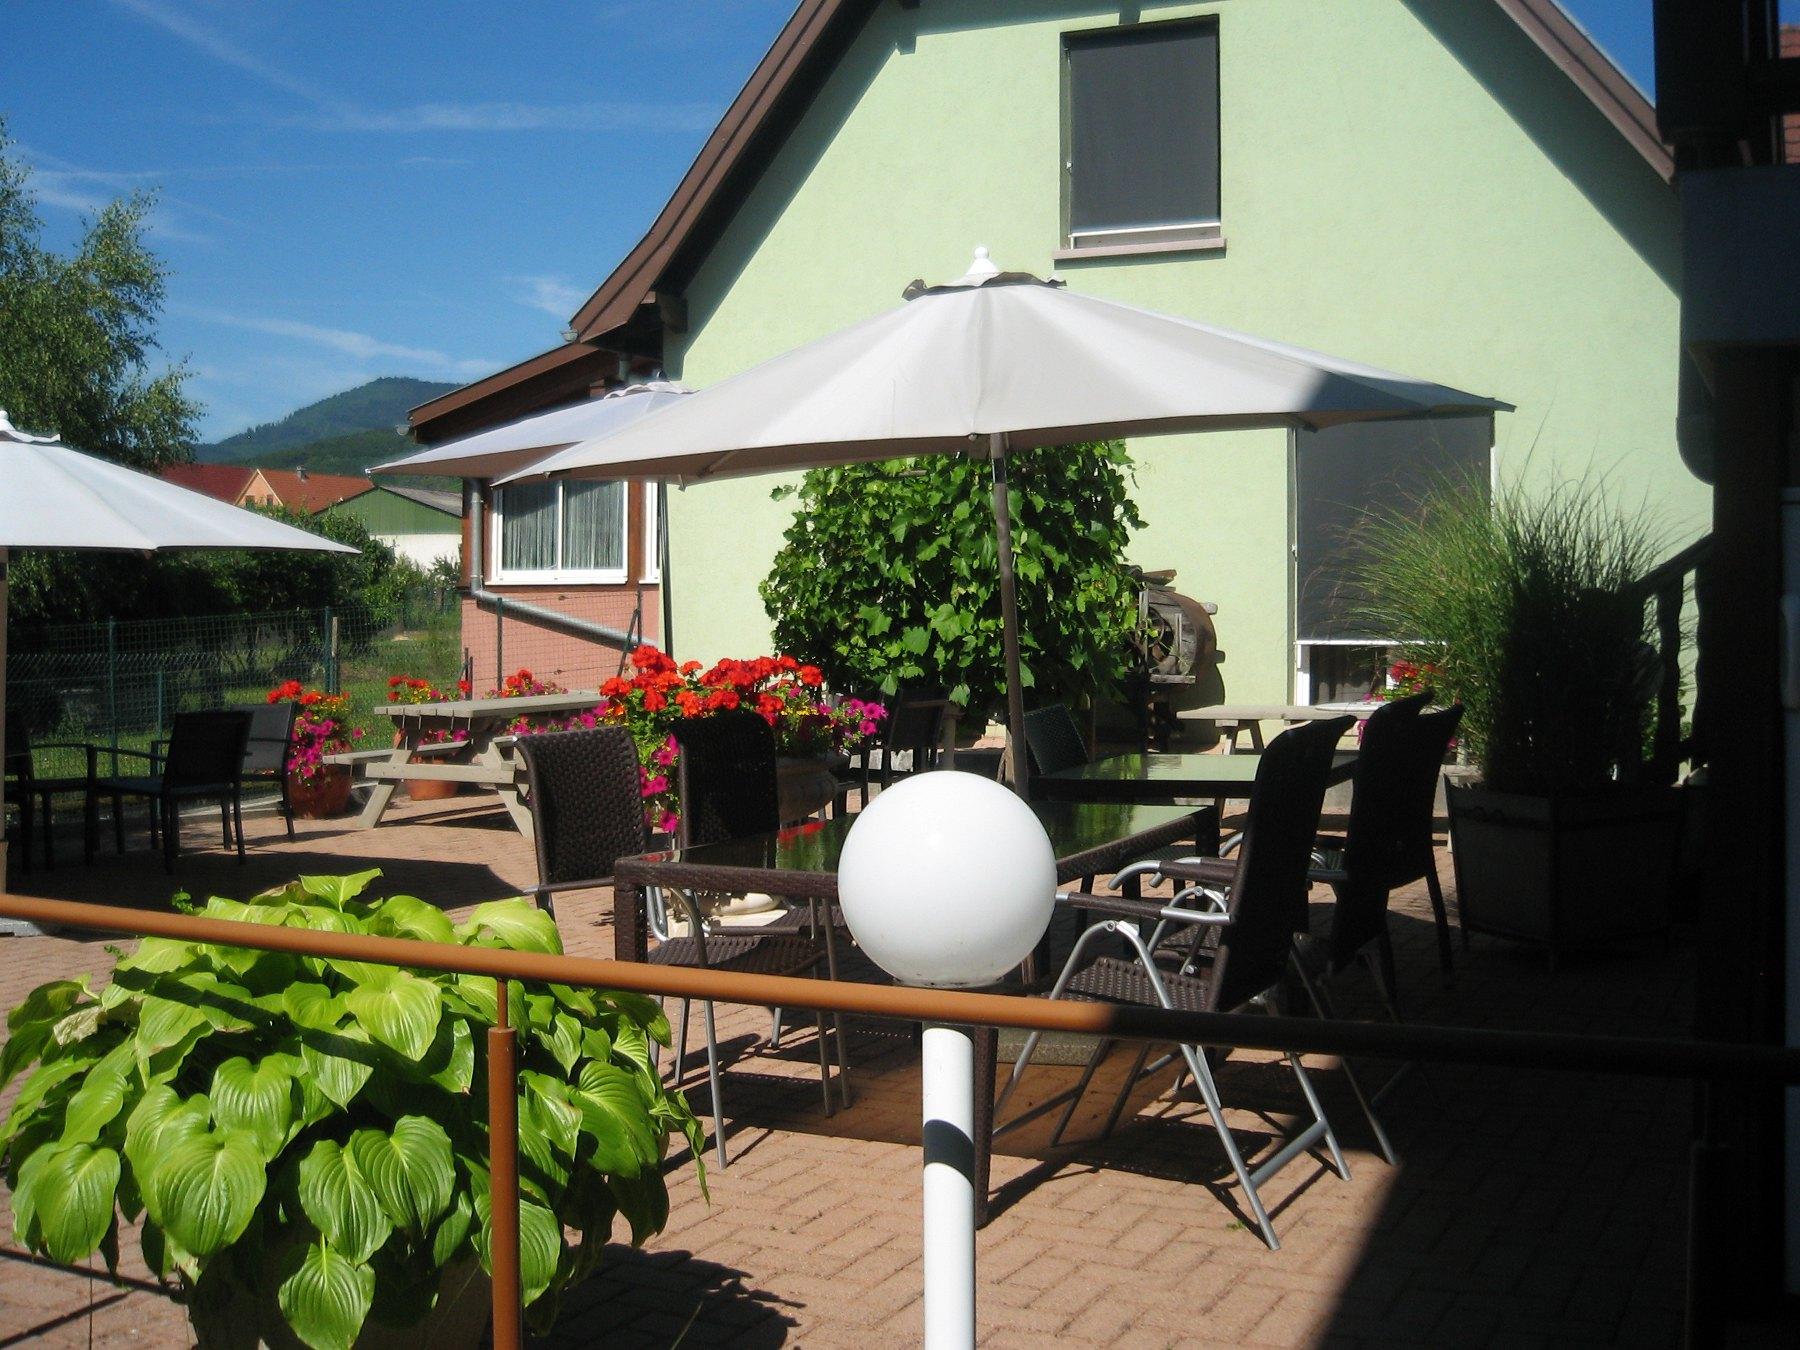 Maison d'hôtes - Domaine du Windmuehl